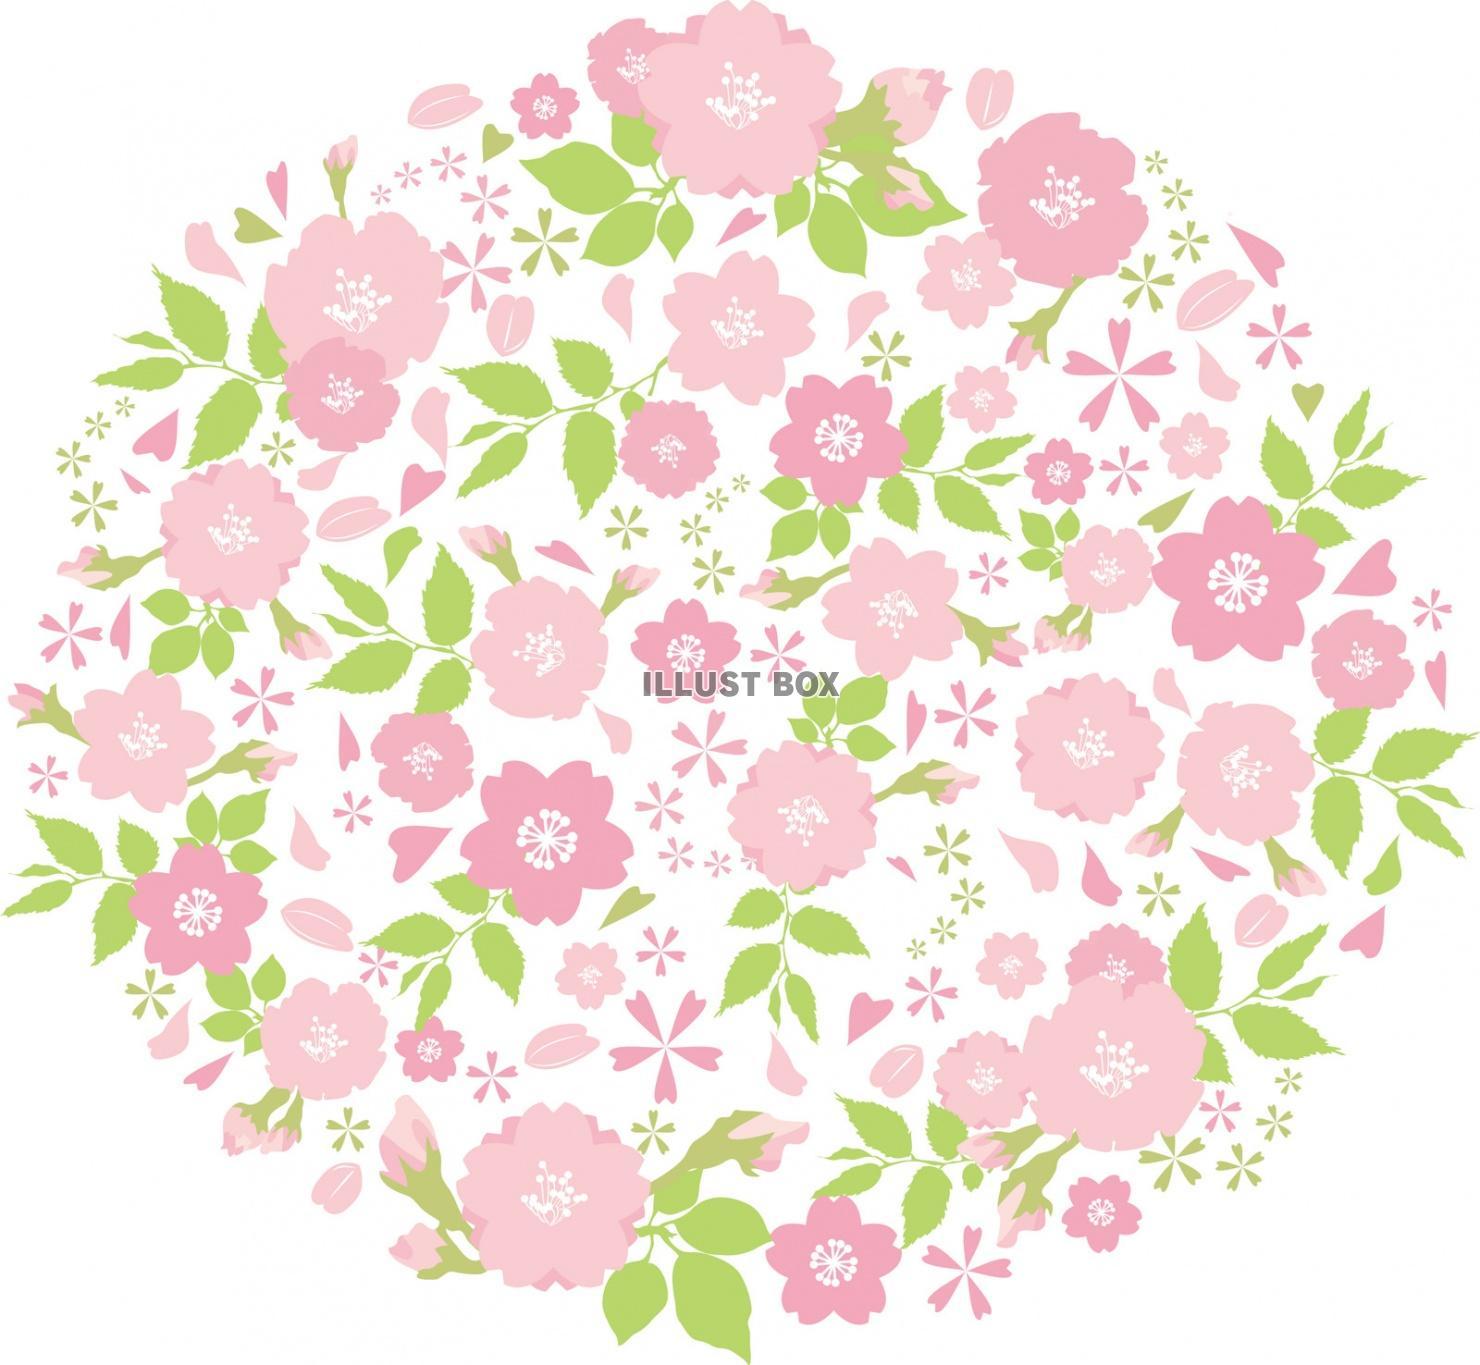 無料イラスト 桜背景壁紙春花ピンク飾りイラストアイコンシ